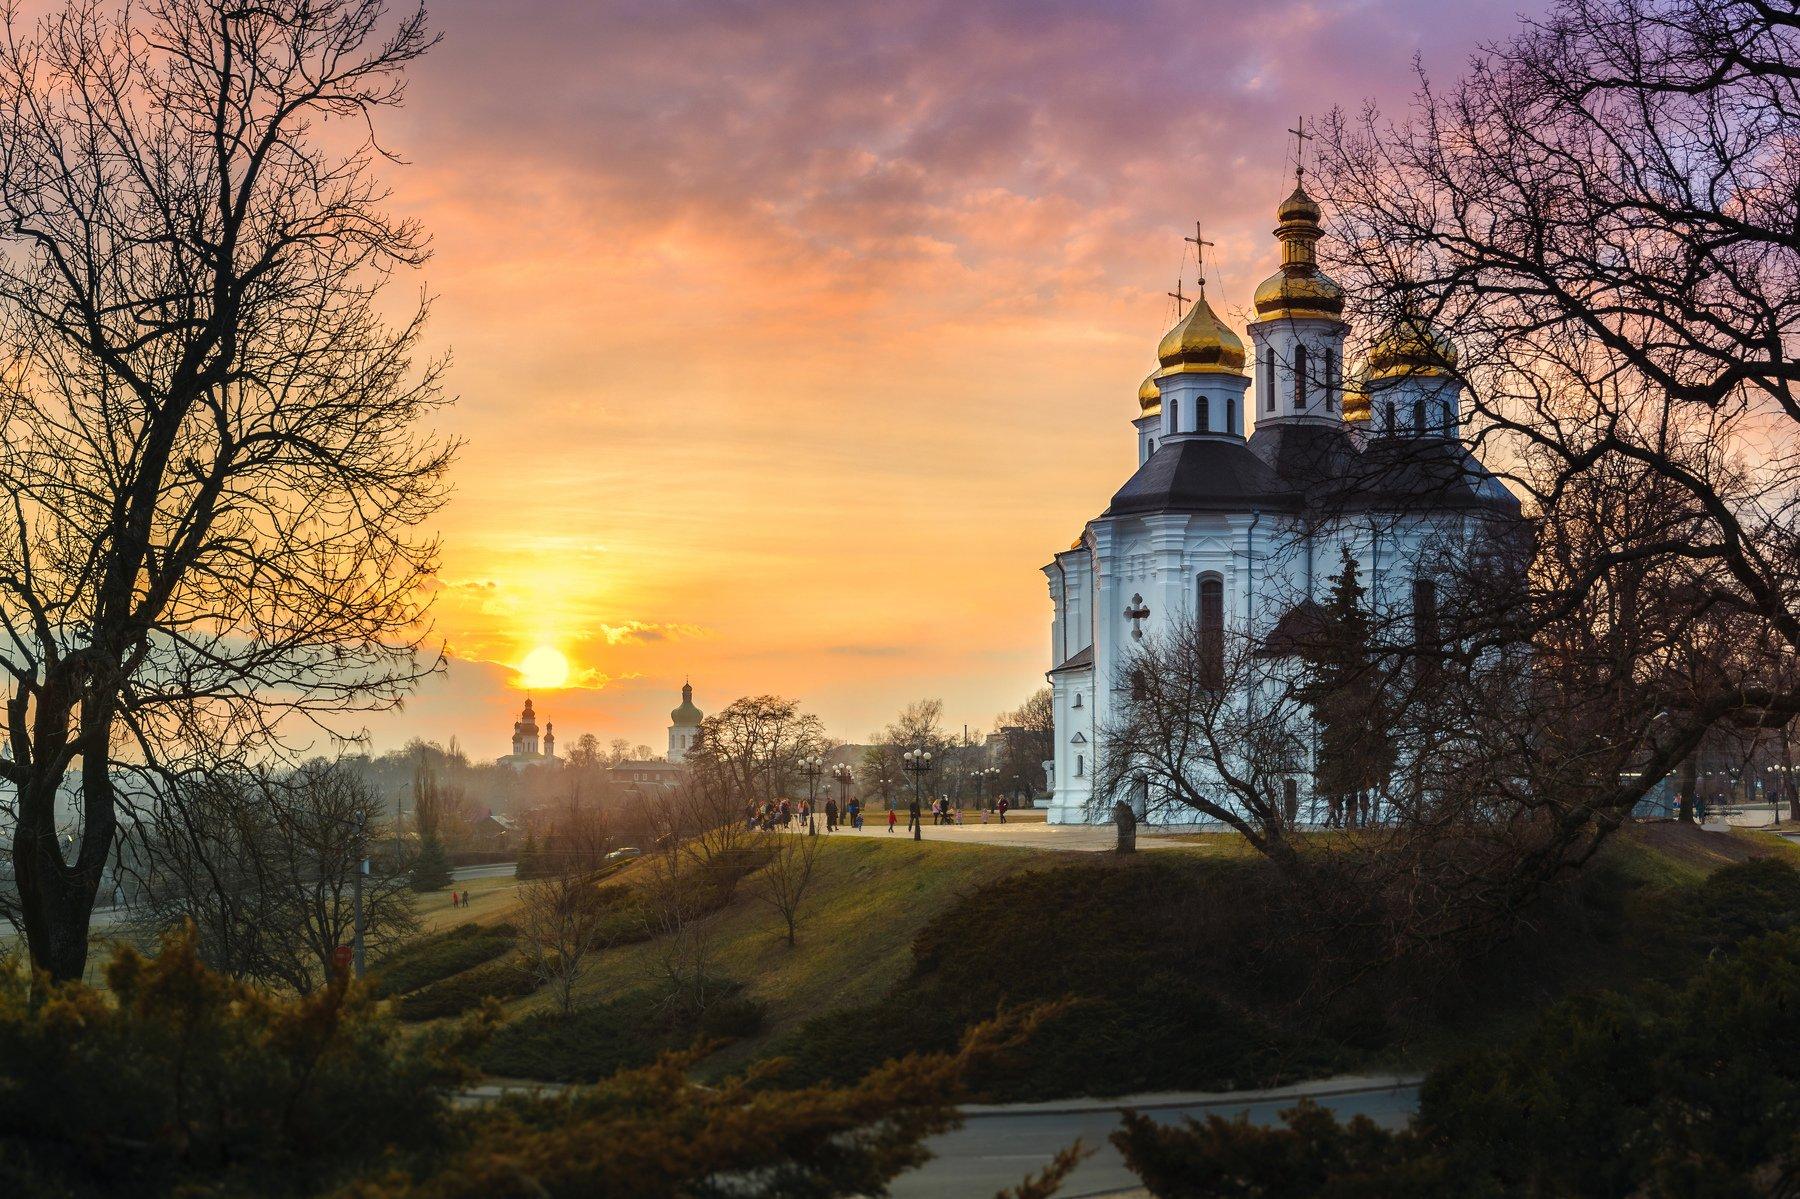 закат, церковь, украина, древний, религия, купола, золото, вера, небо, Казун Андрей